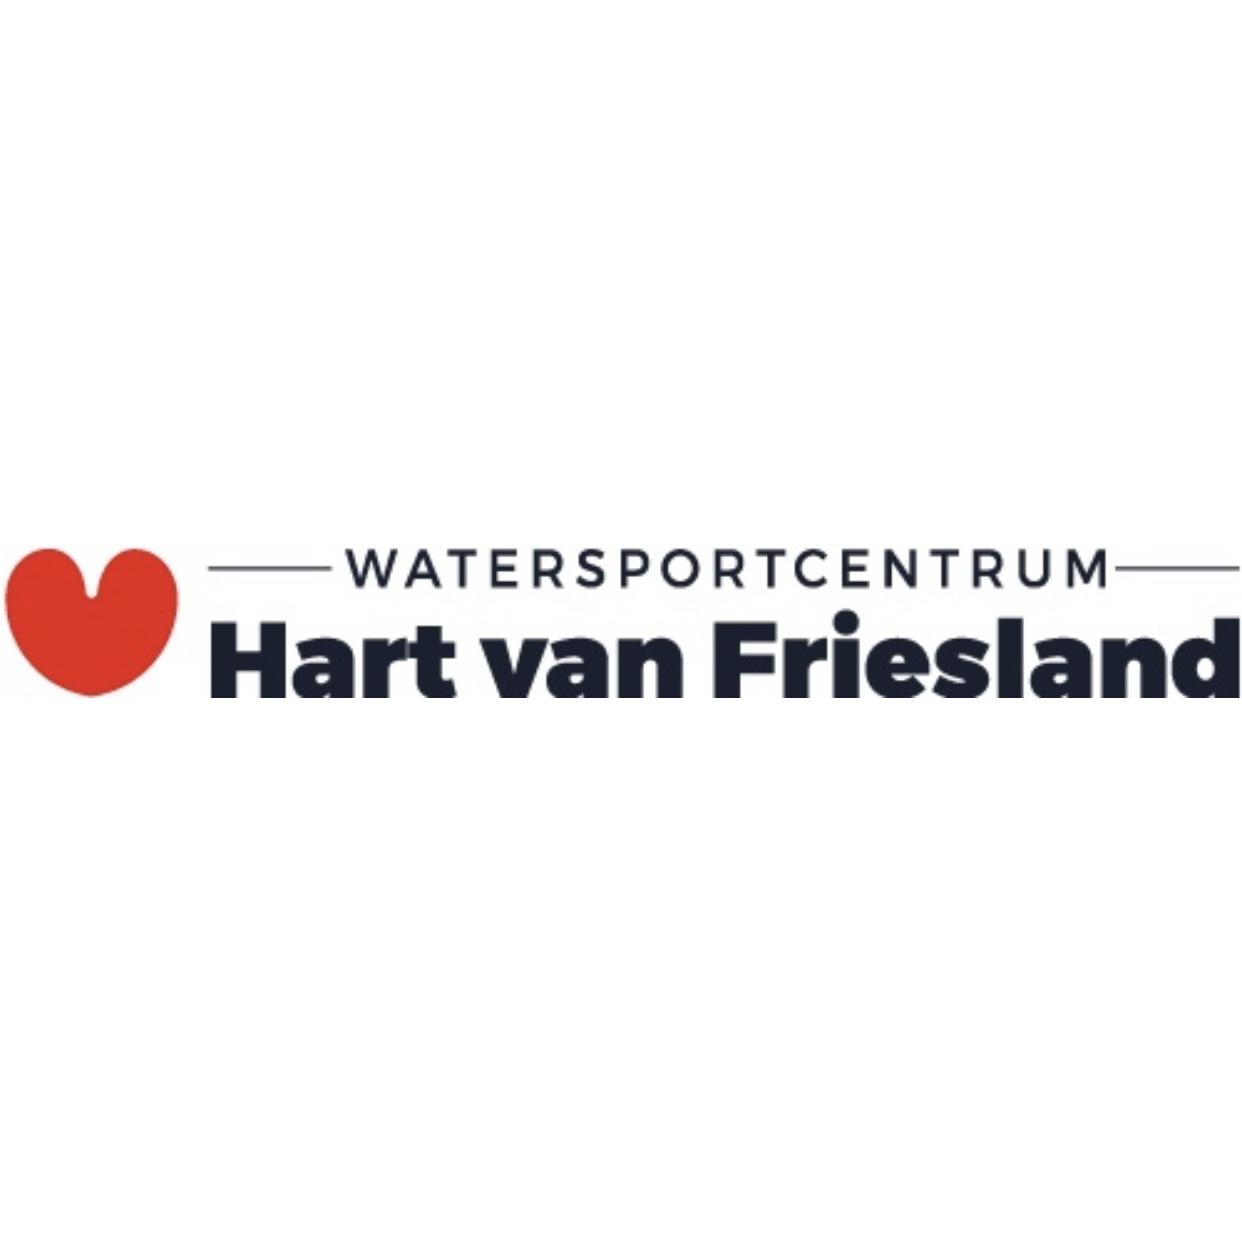 Hart van Friesland